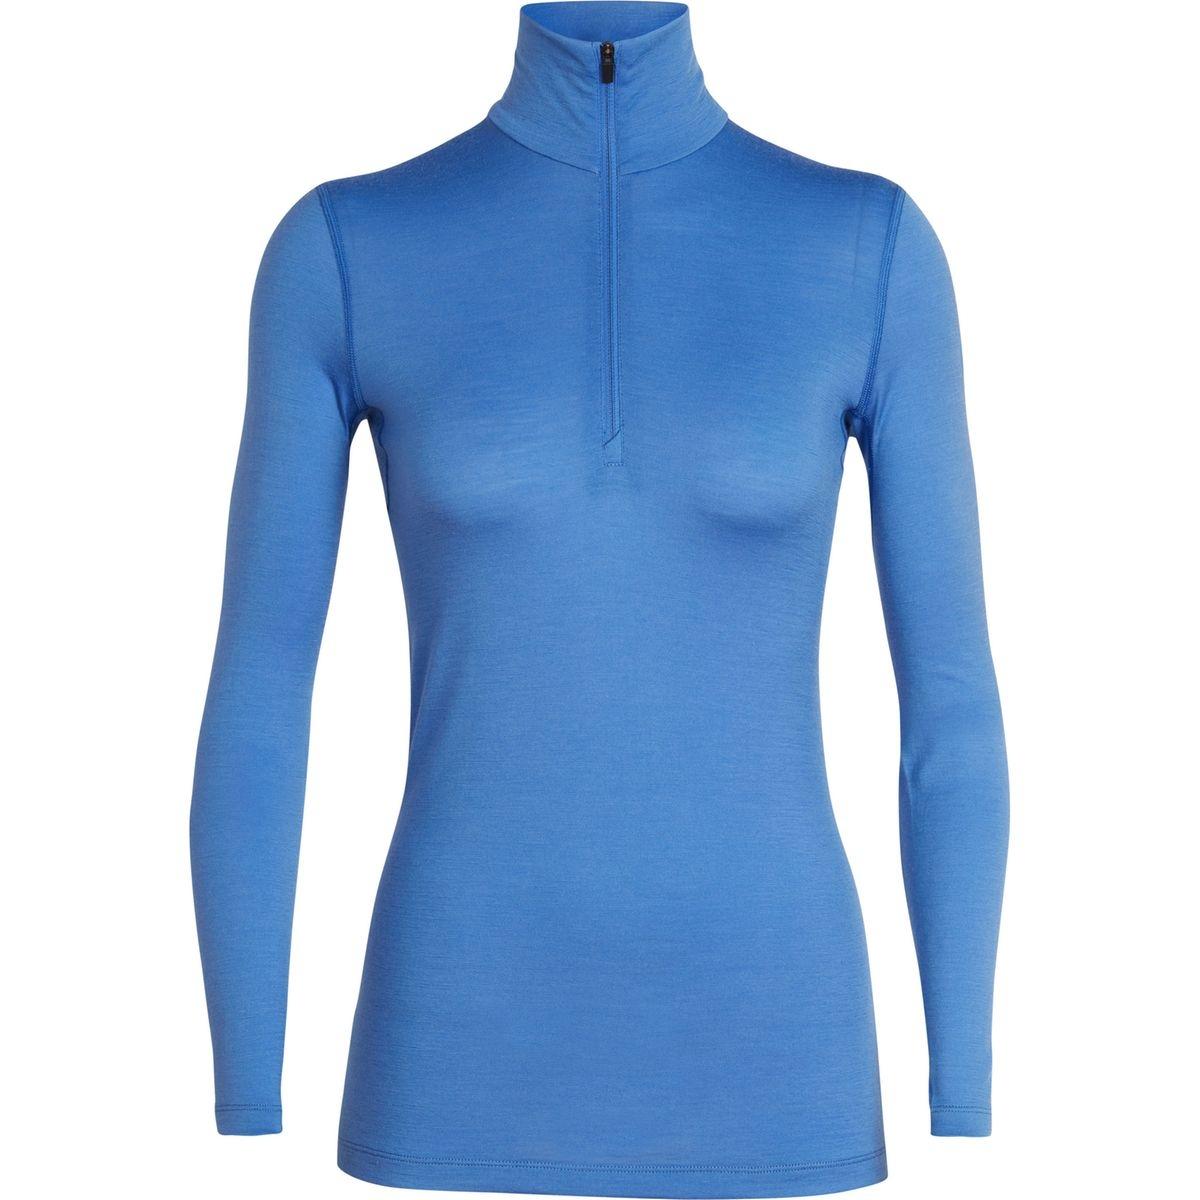 200 Oasis - Sous-vêtement Femme - bleu